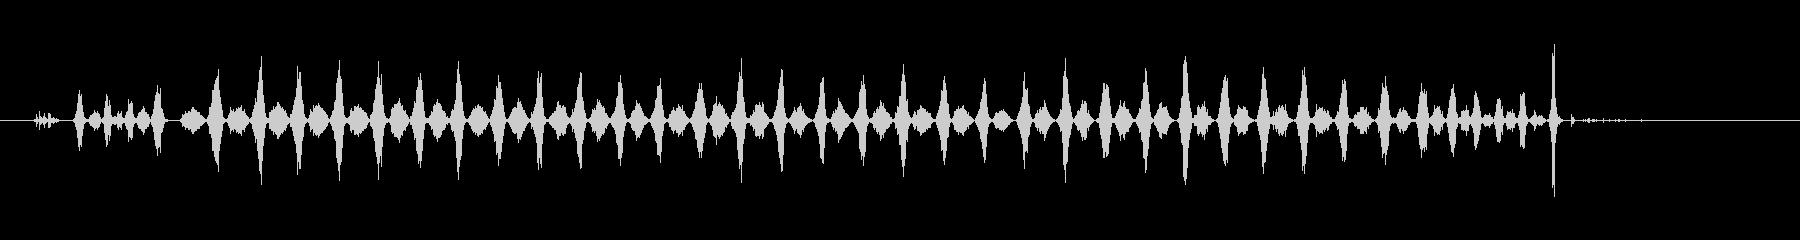 ハンドソー、ツール; DIGIFF...の未再生の波形